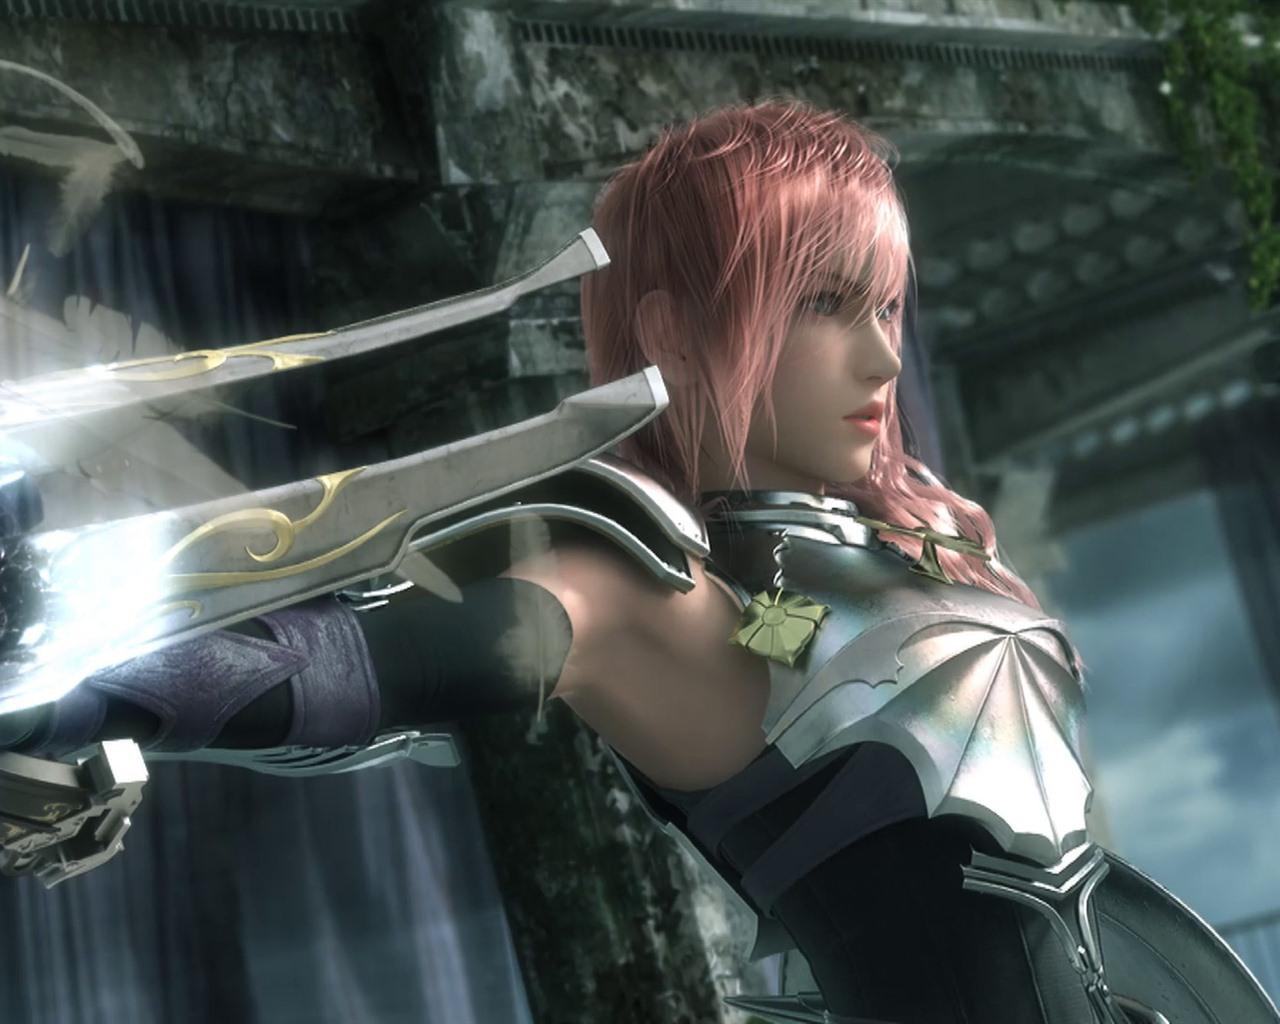 最终幻想13视频_Final Fantasy XIII-2 最终幻想13-2 高清壁纸2 - 1280x1024 壁纸下载 - Final ...